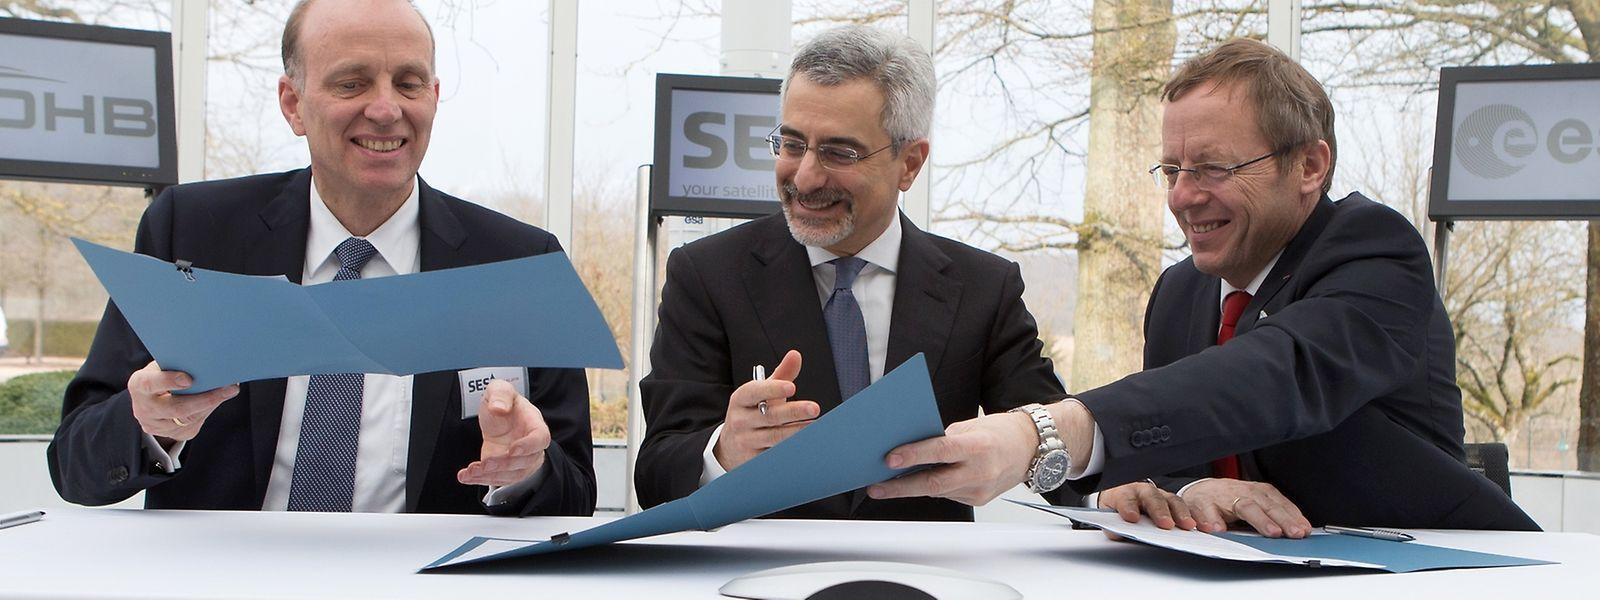 Marco Fuchs (OHB), Karim Michel Sabbagh (SES) und Jan Wörner (ESA) bei der Unterzeichnung der Verträge in Betzdorf.